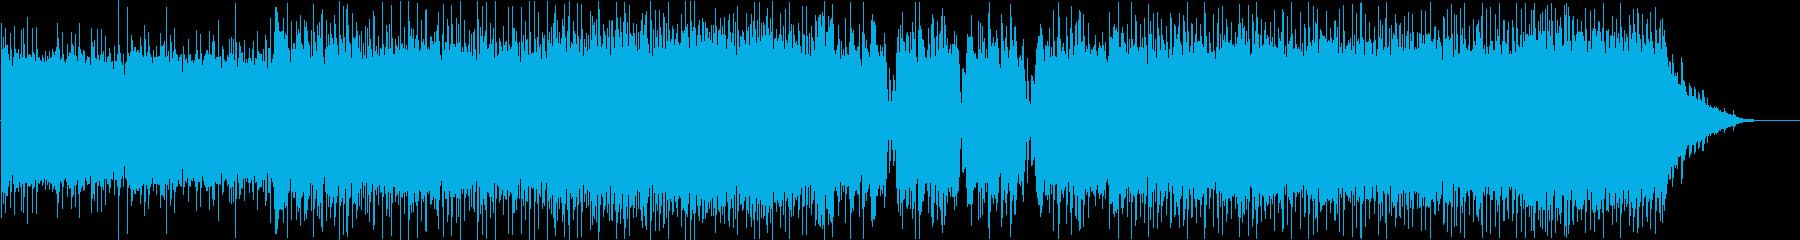 打ち込み系ギターロックの再生済みの波形